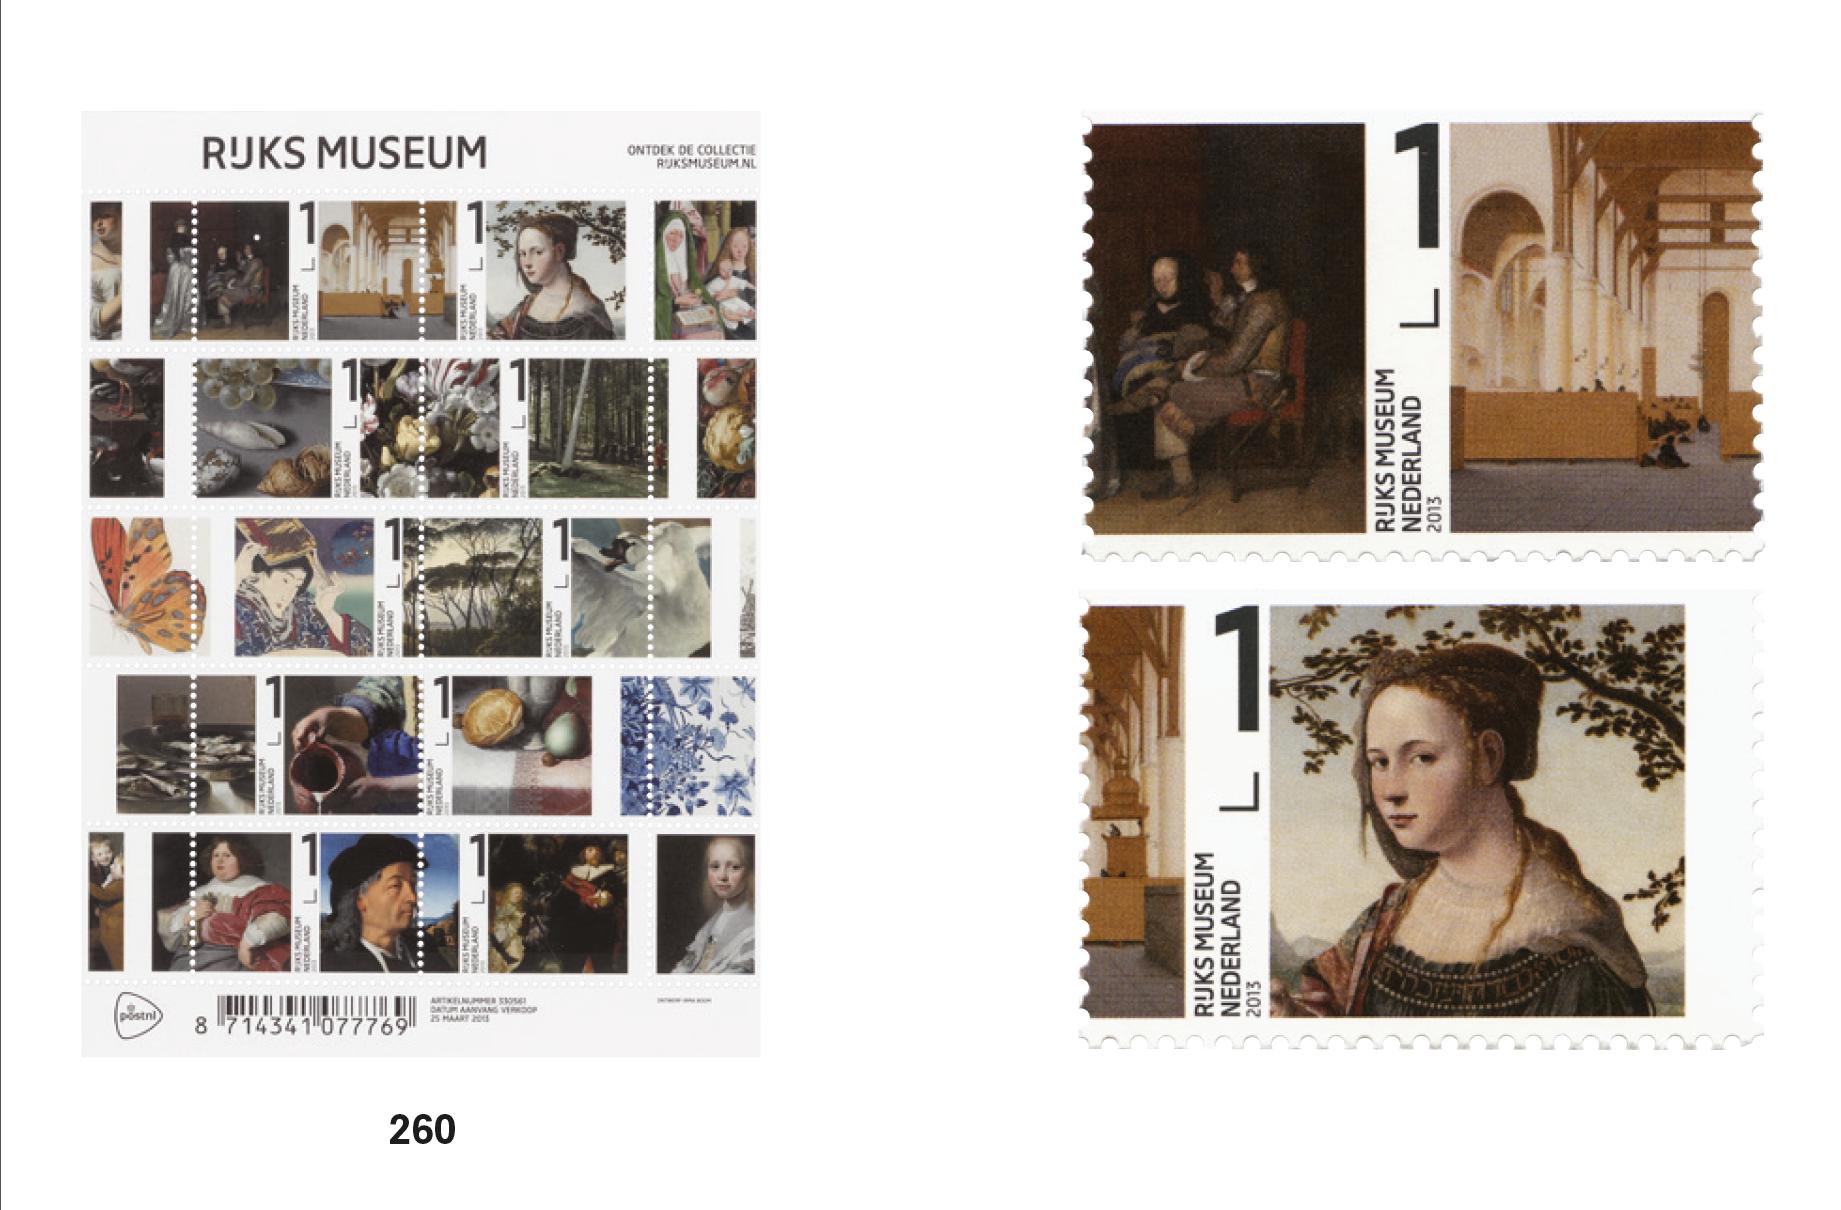 RIJKS MUSEUM(アムステルダム国立美術館)のオリジナル切手